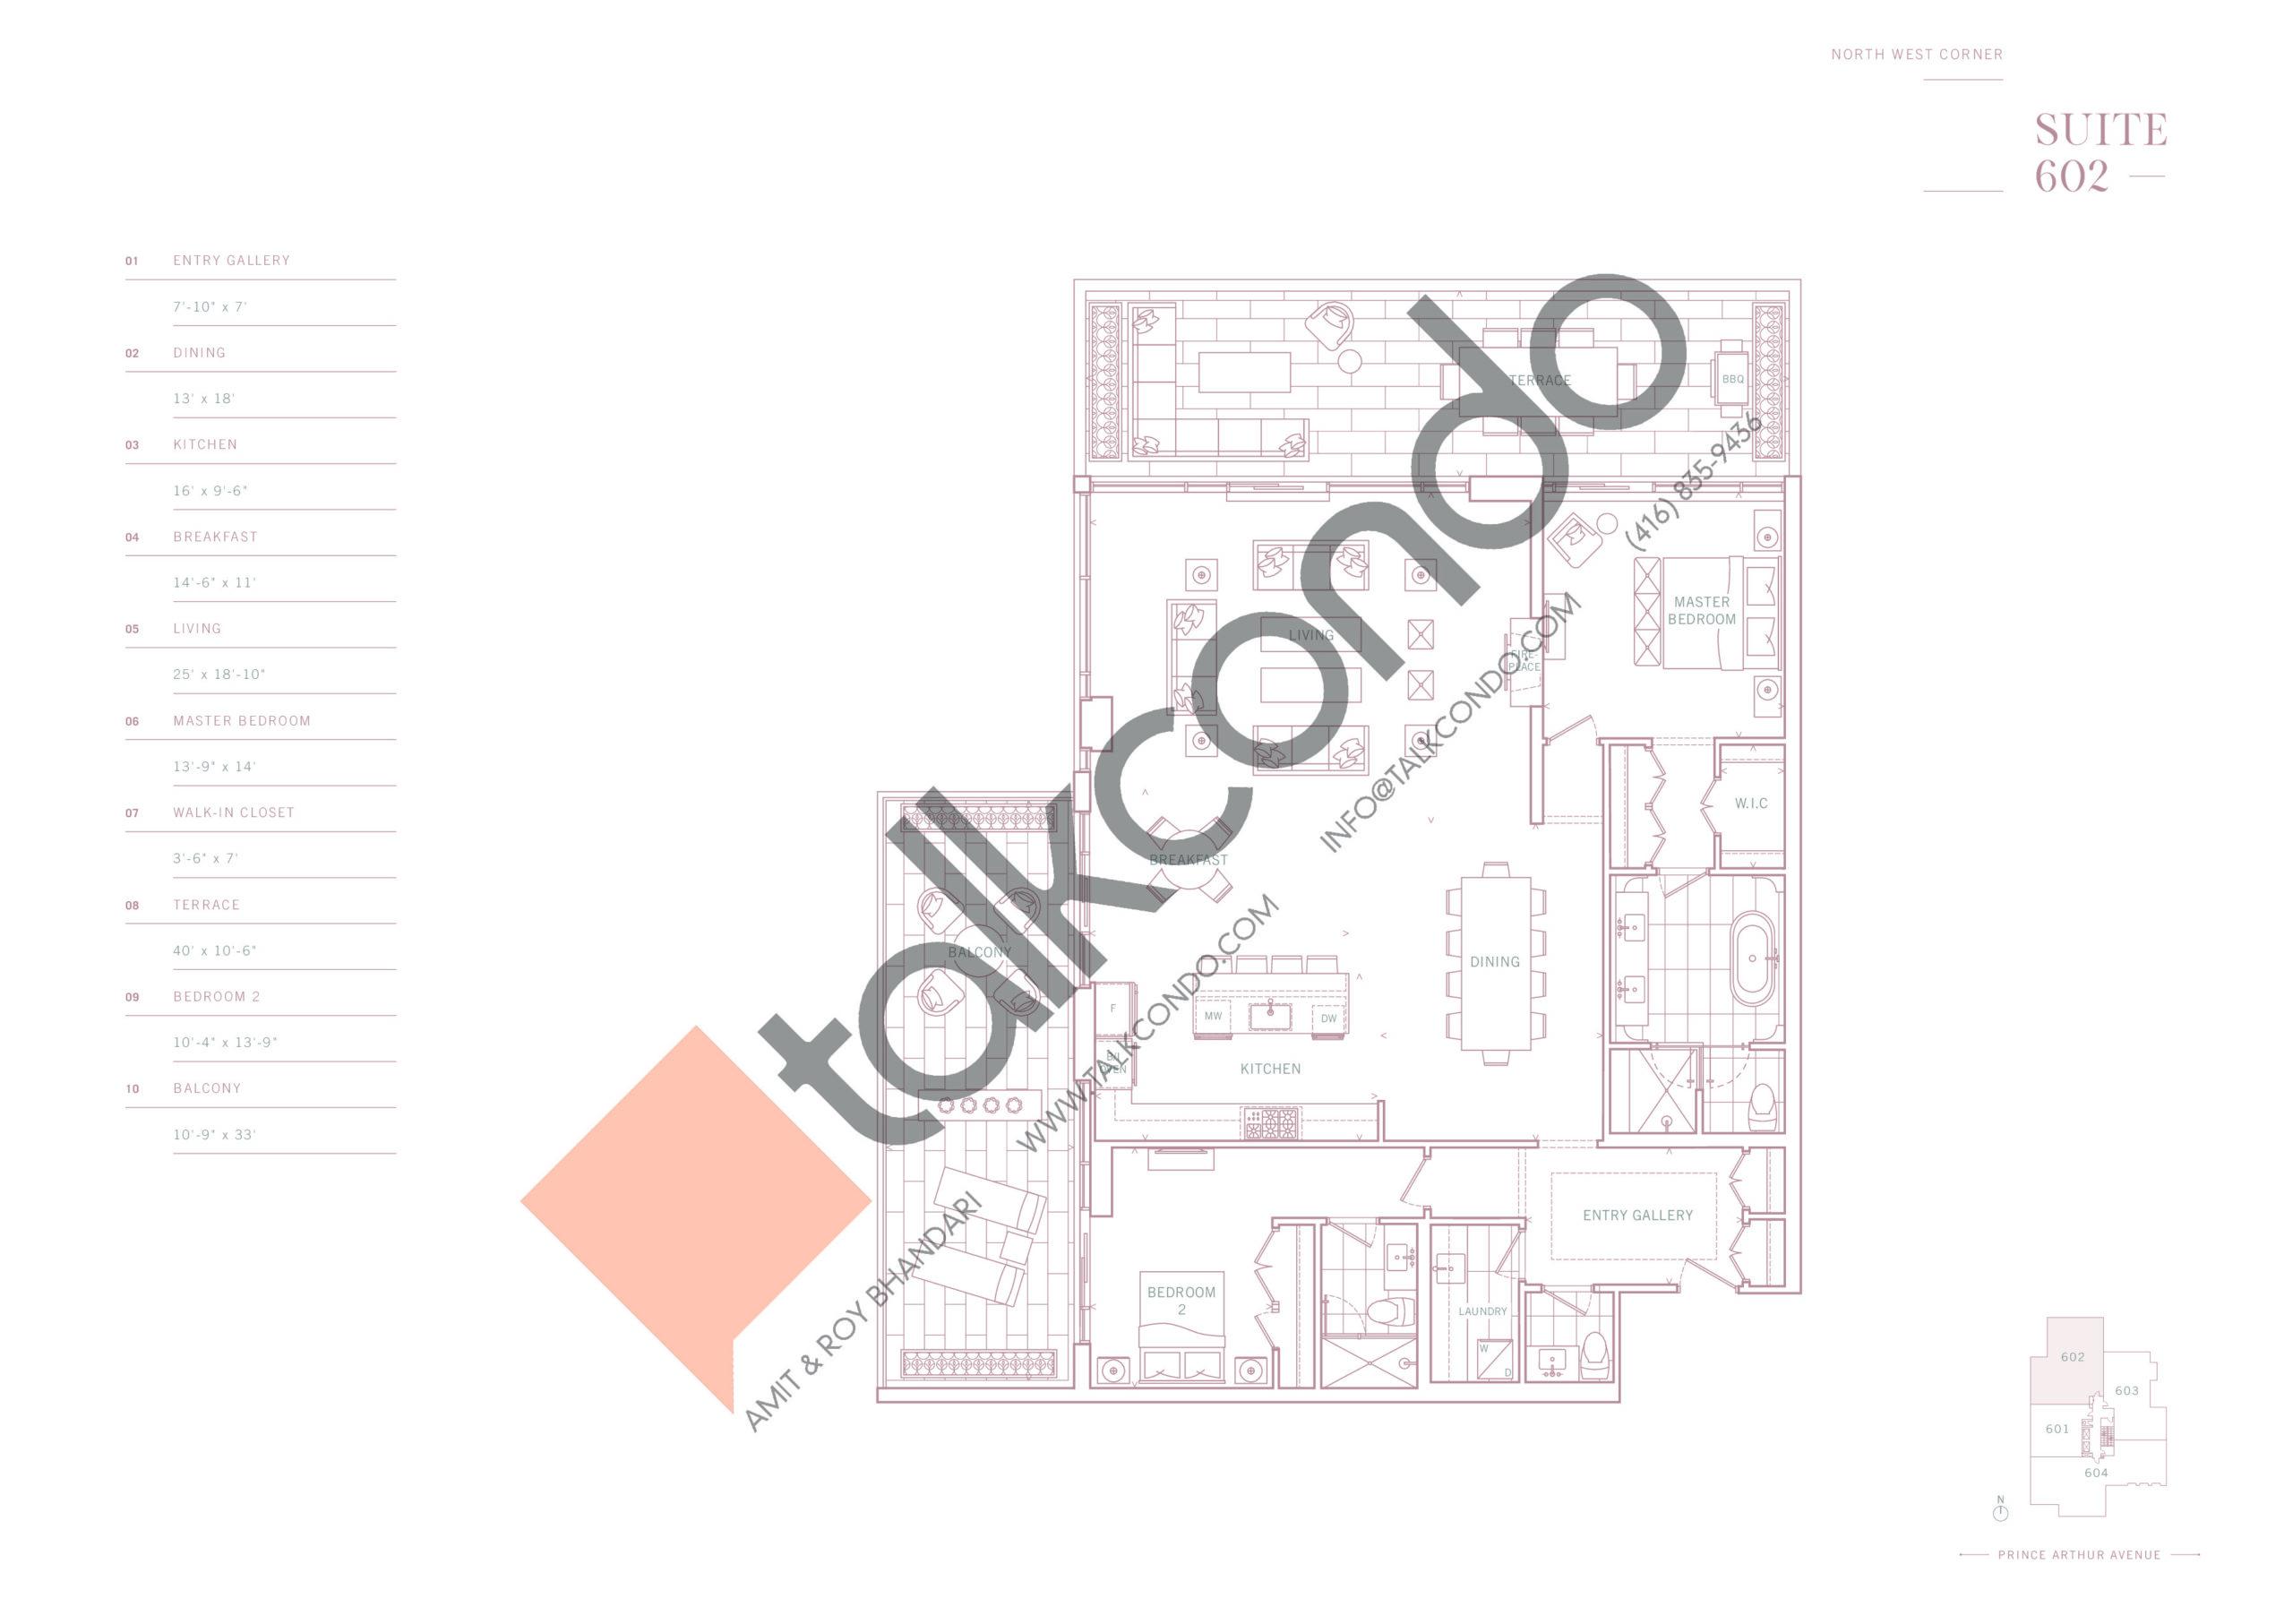 Suite 602 Floor Plan at 10 Prince Arthur Condos - 2089 sq.ft